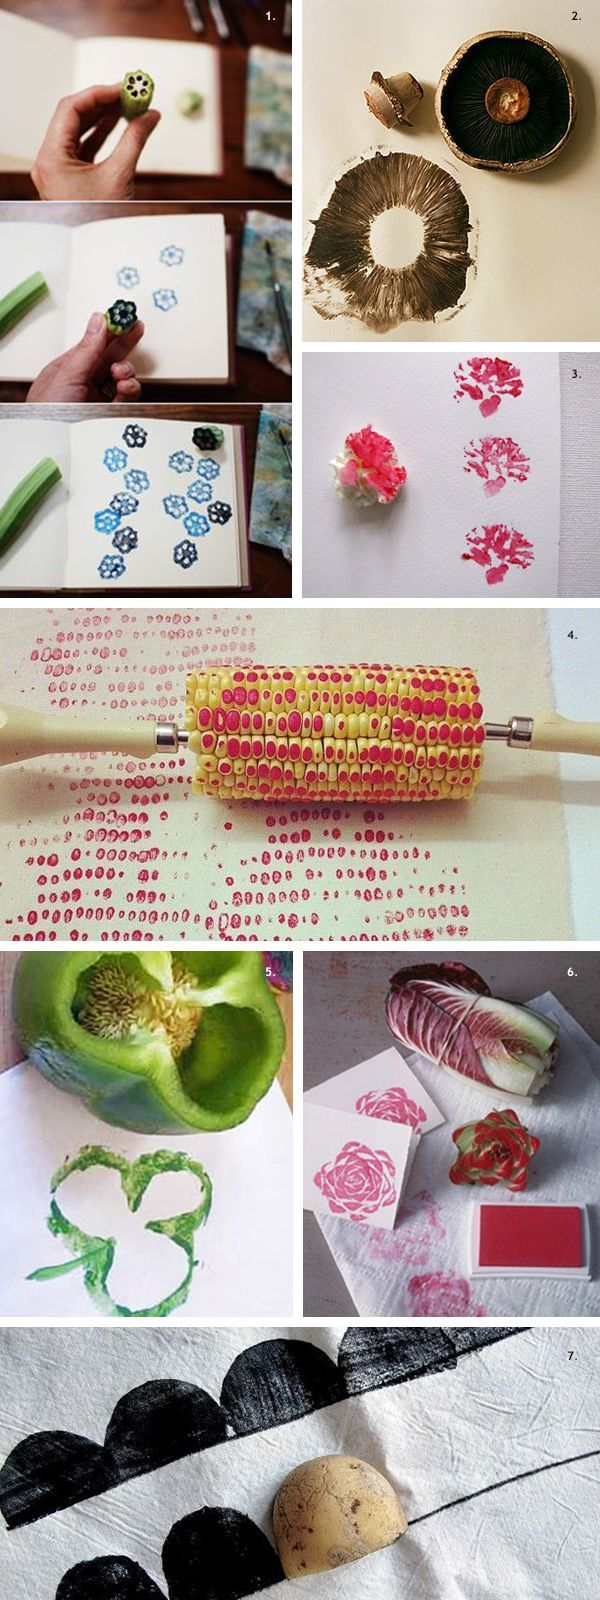 . צבעים וחומרים בארט דיפו .. רעיונות יצירה חמודים עם ירקות   www.artdepot.co.il